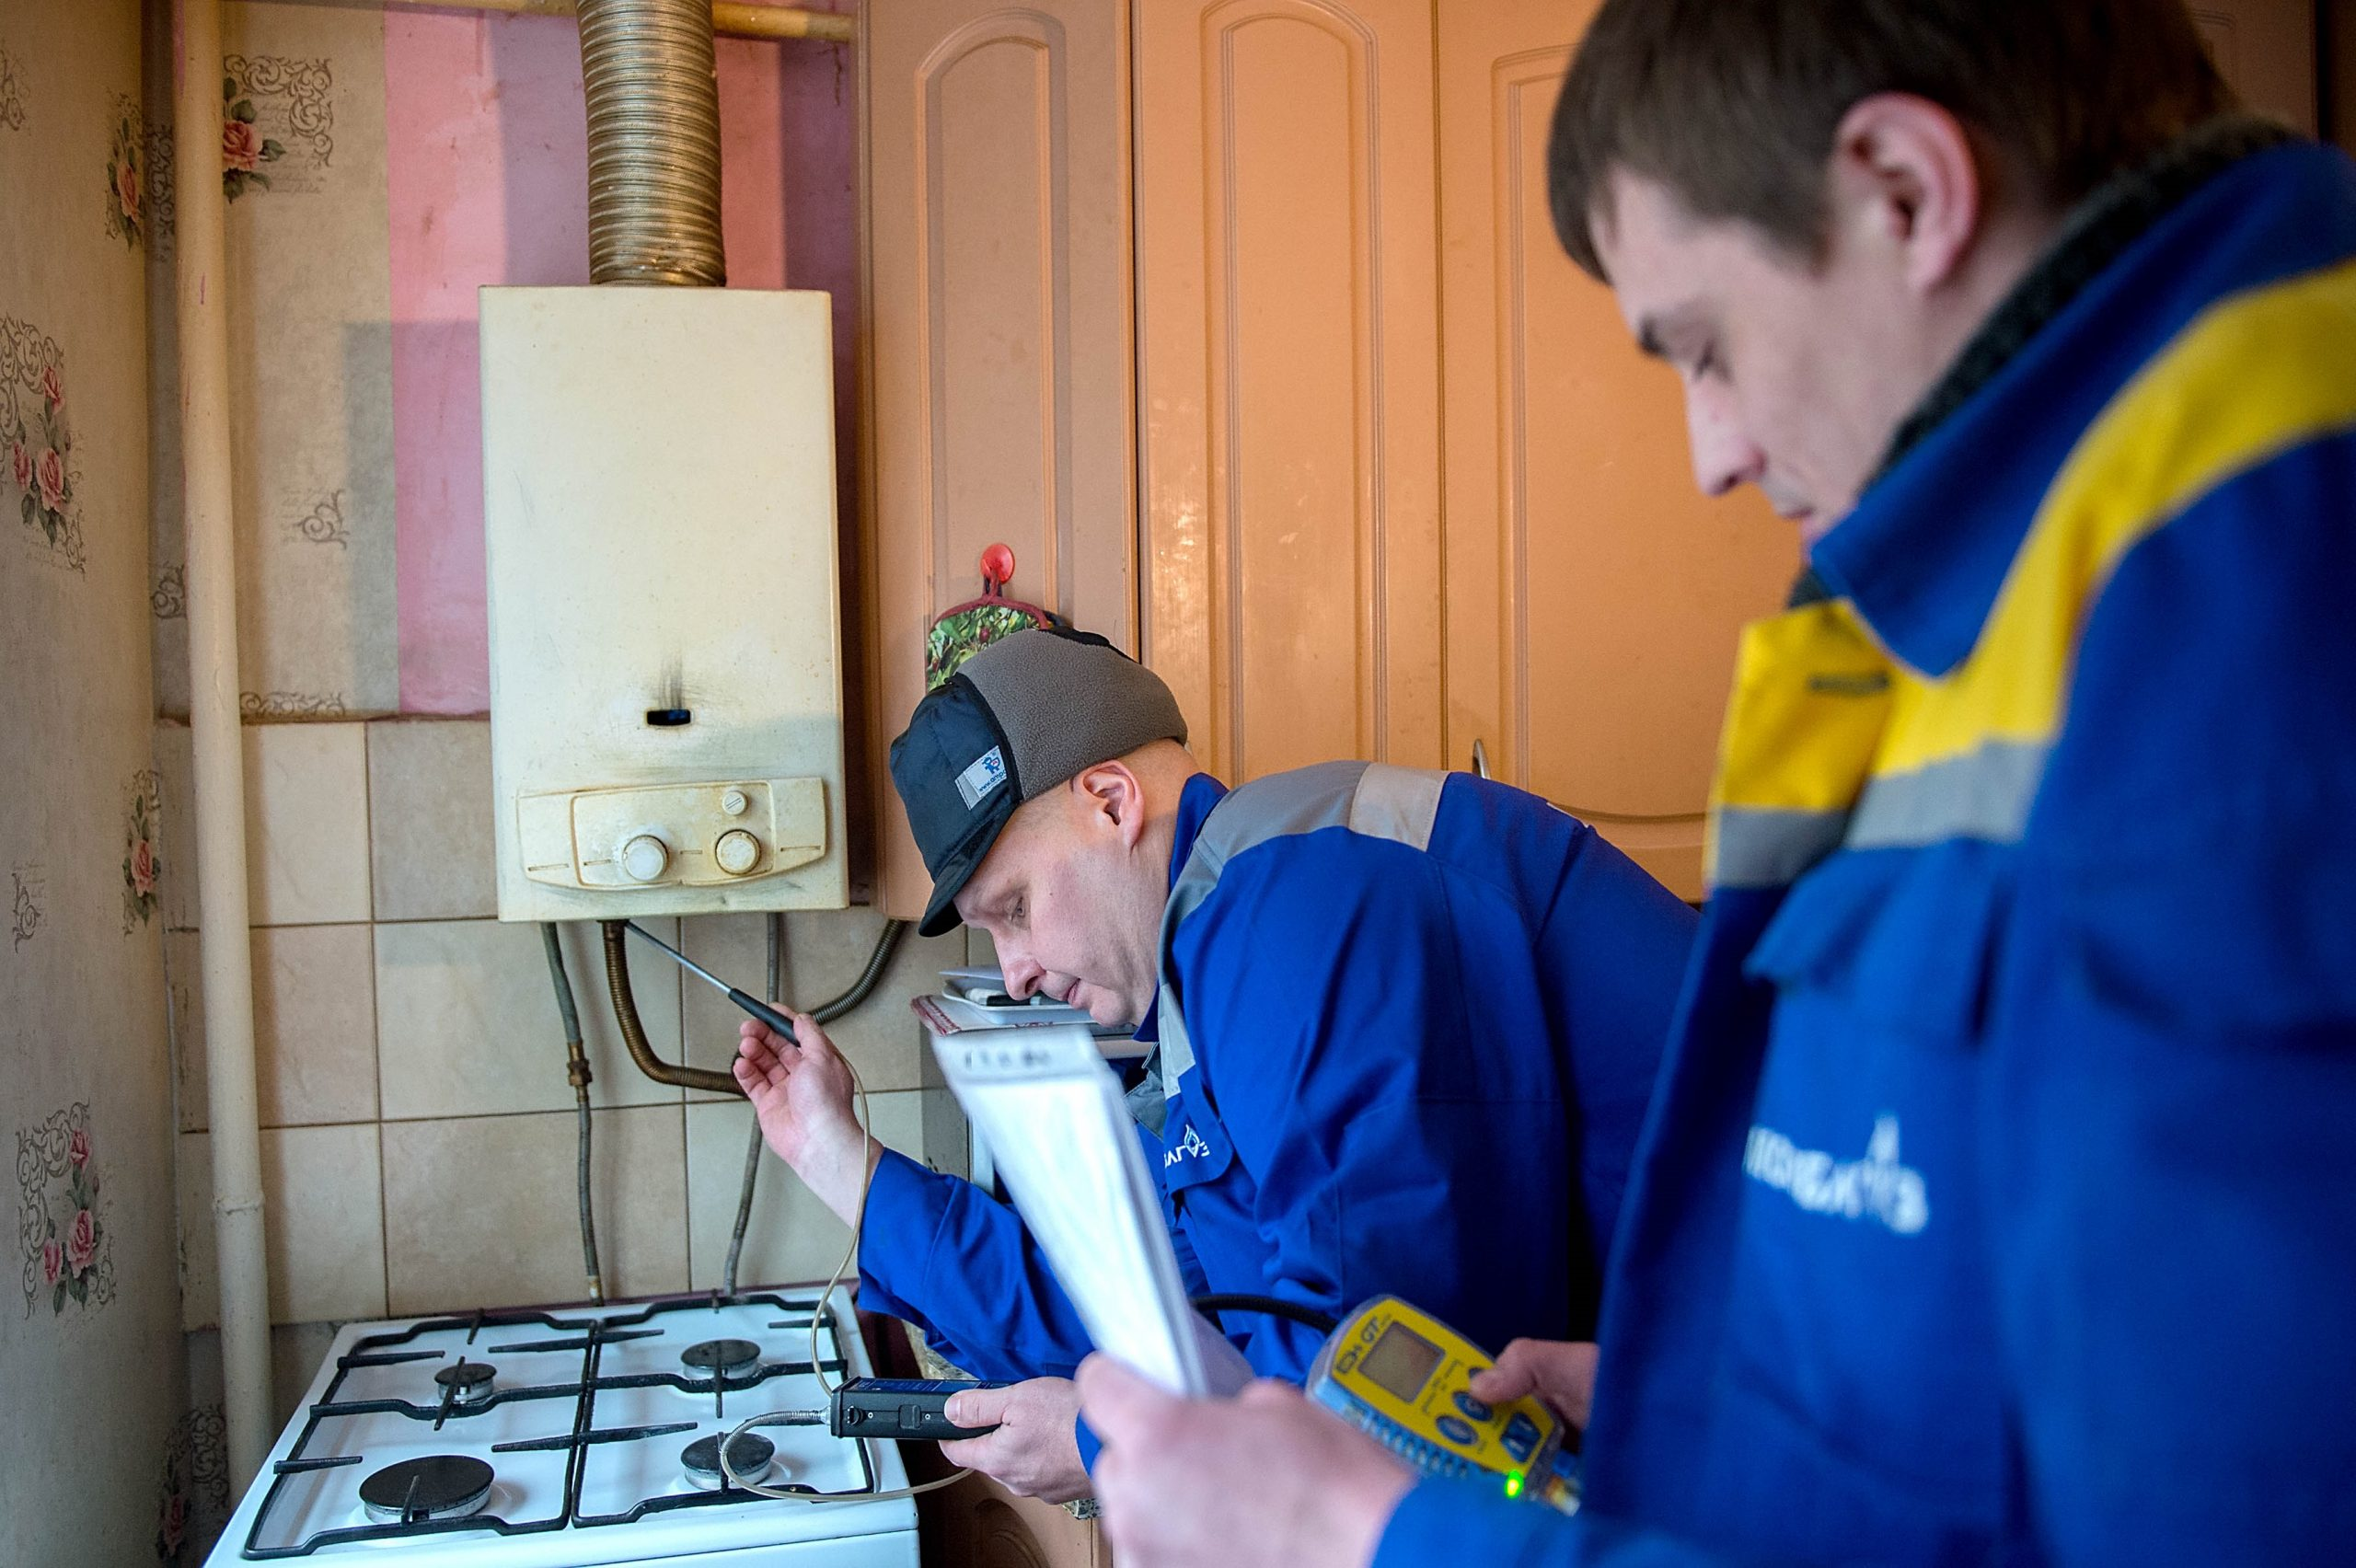 В Москве проходят внеплановые проверки газового оборудования